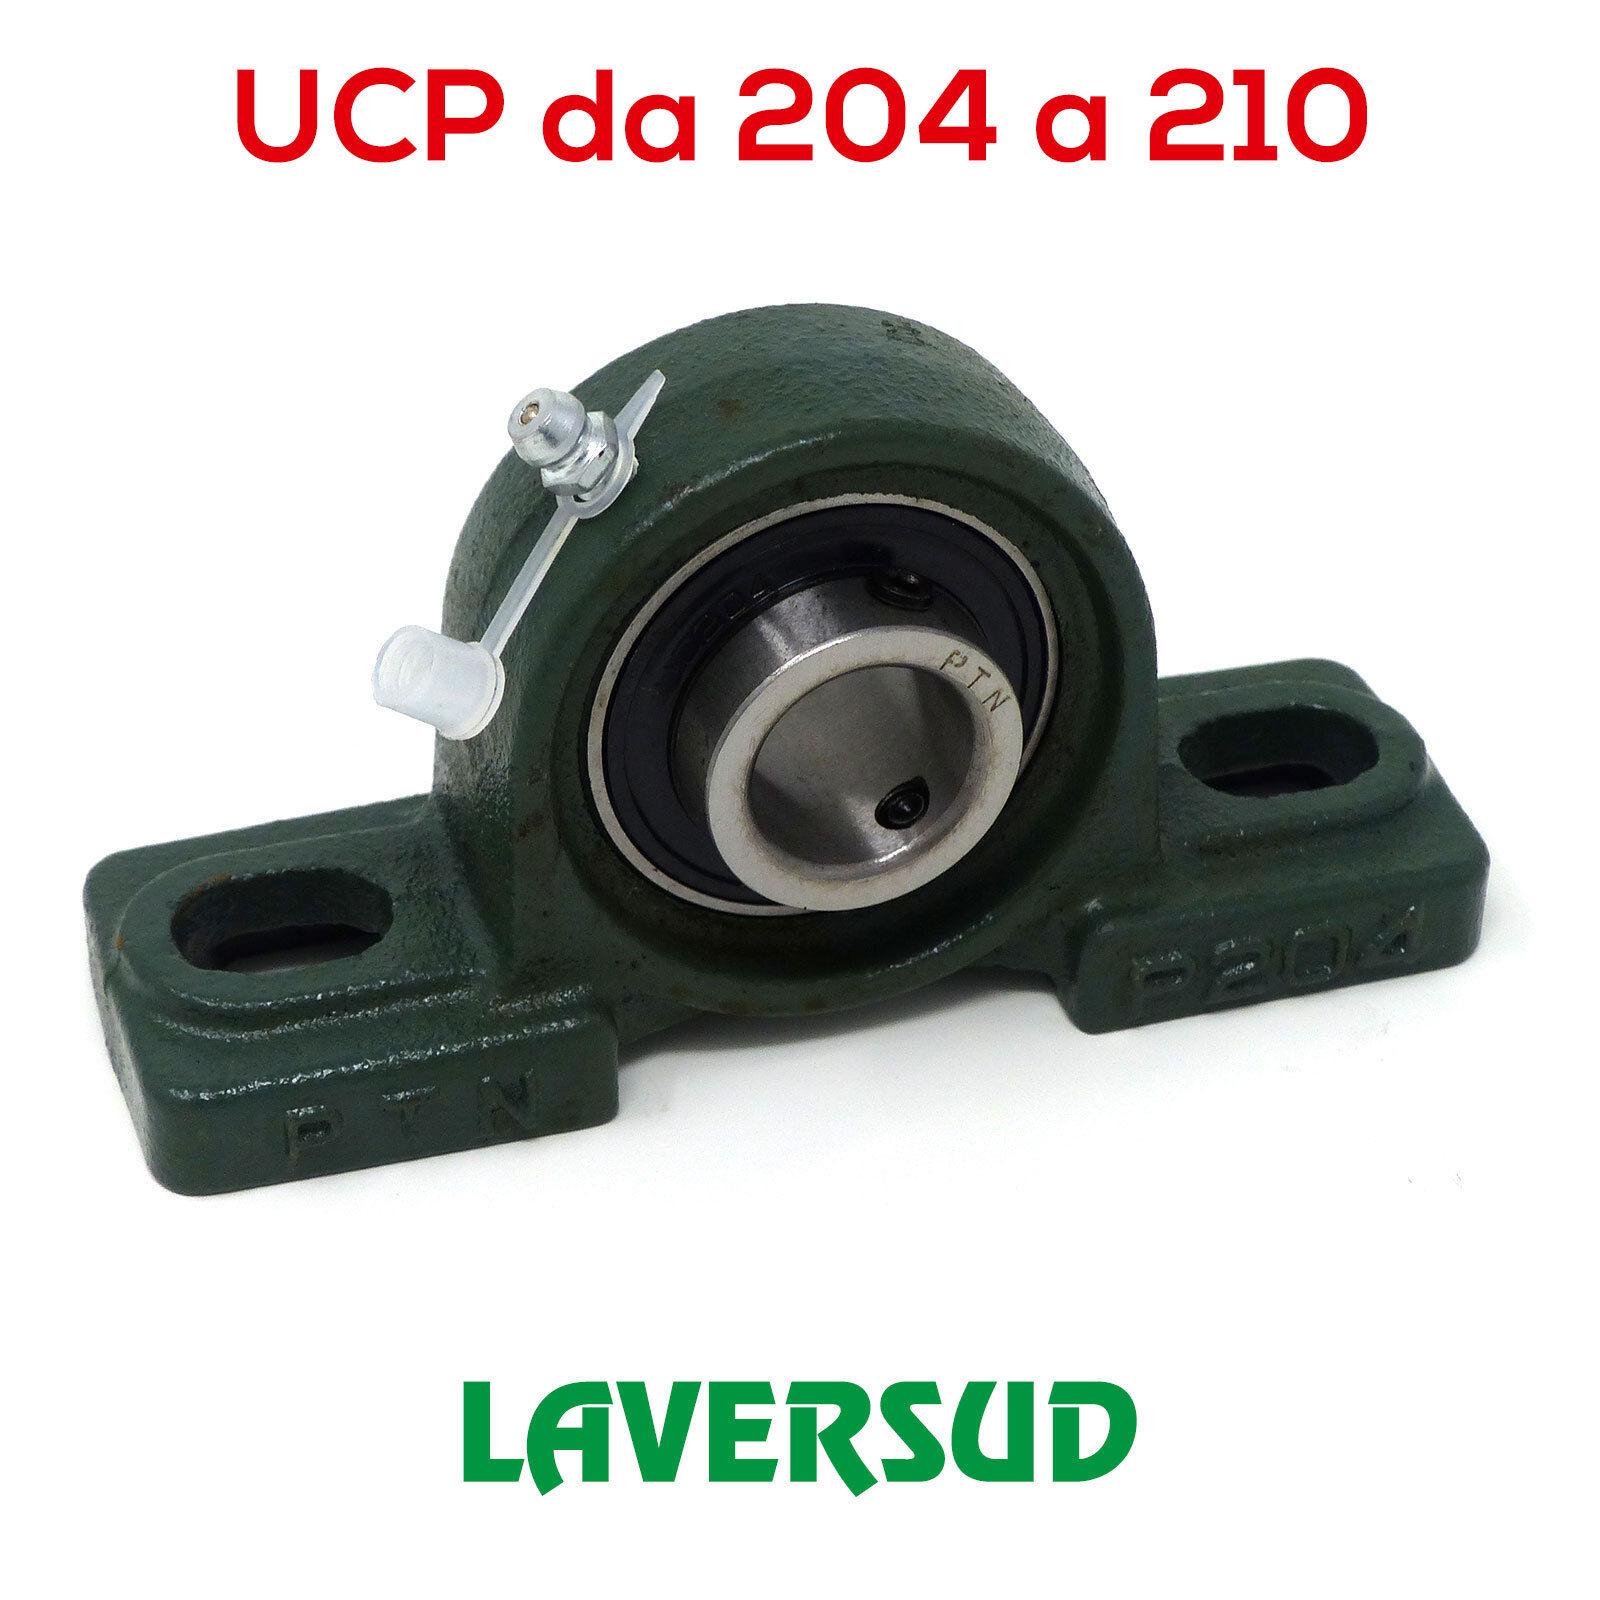 Supporti UCP Autoallineanti con Cuscinetto: da 204 a 210 (varie misure)